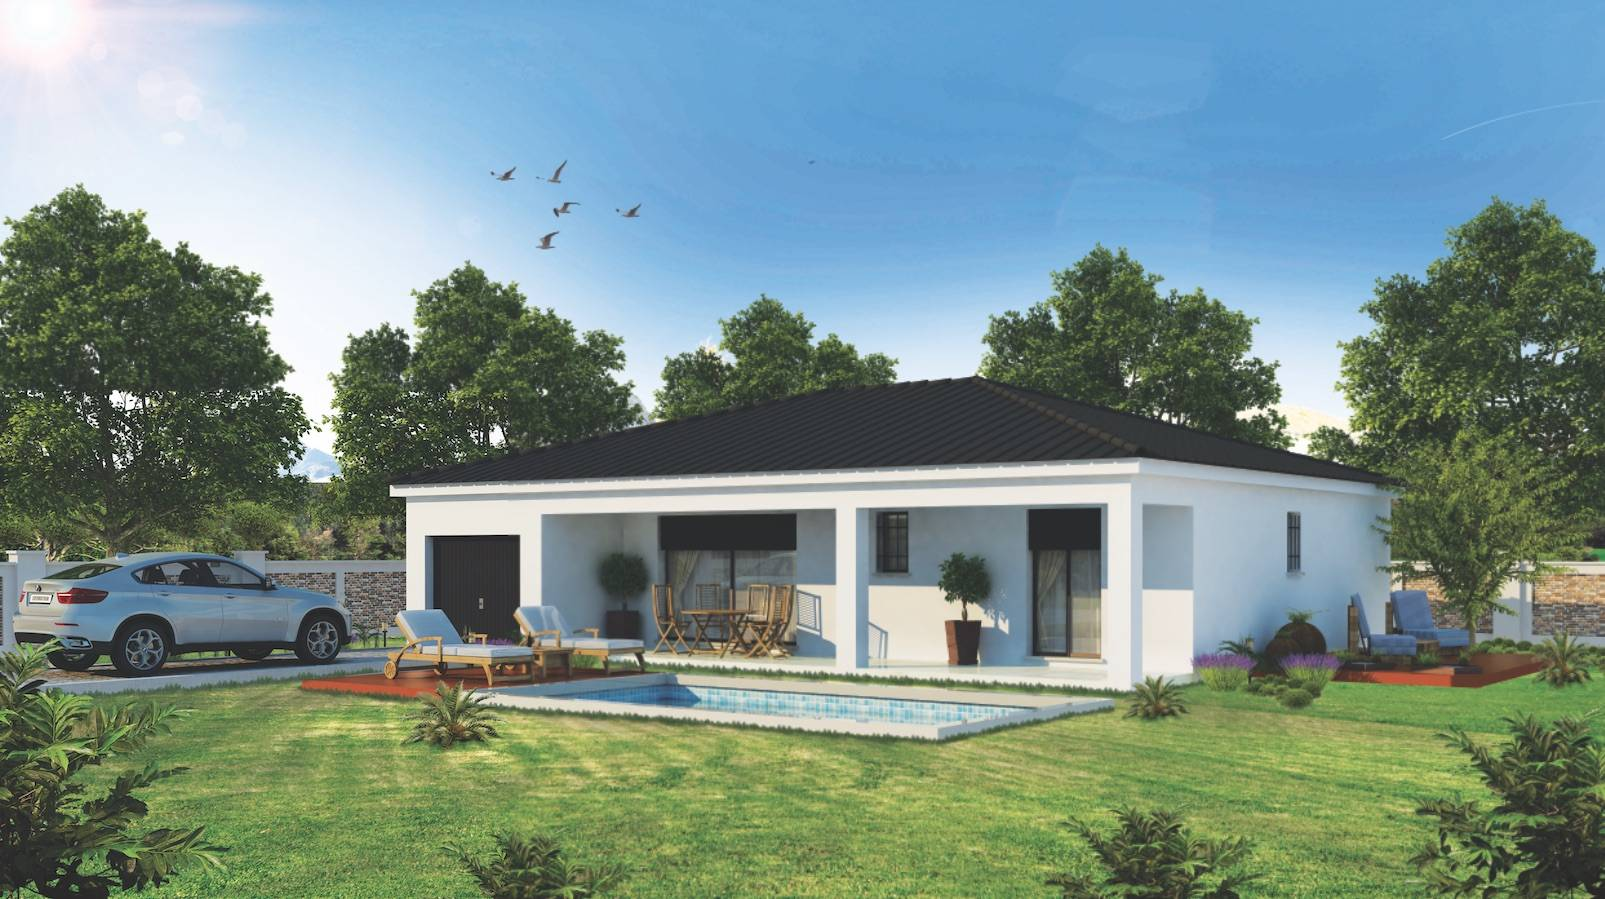 Maison Individuelle De Plain Pied Avec Terrasse 5